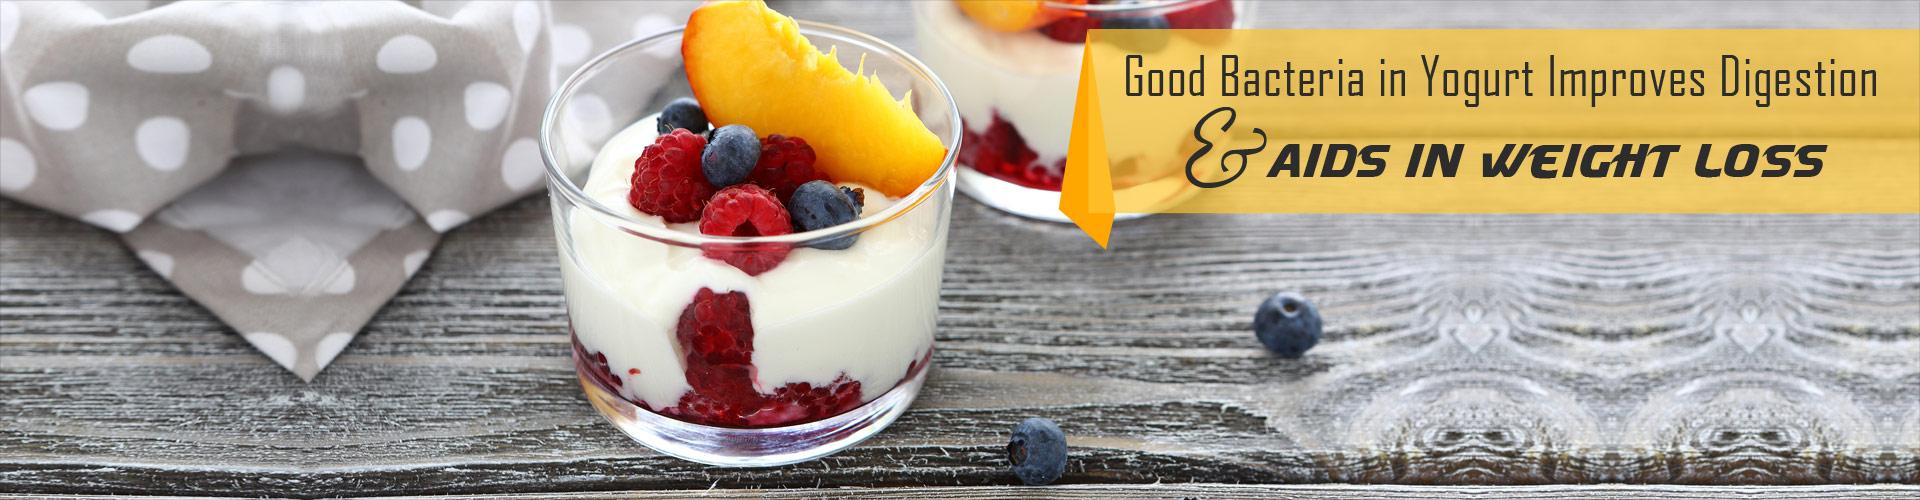 Health Benefits of Probiotic Yogurt Diet